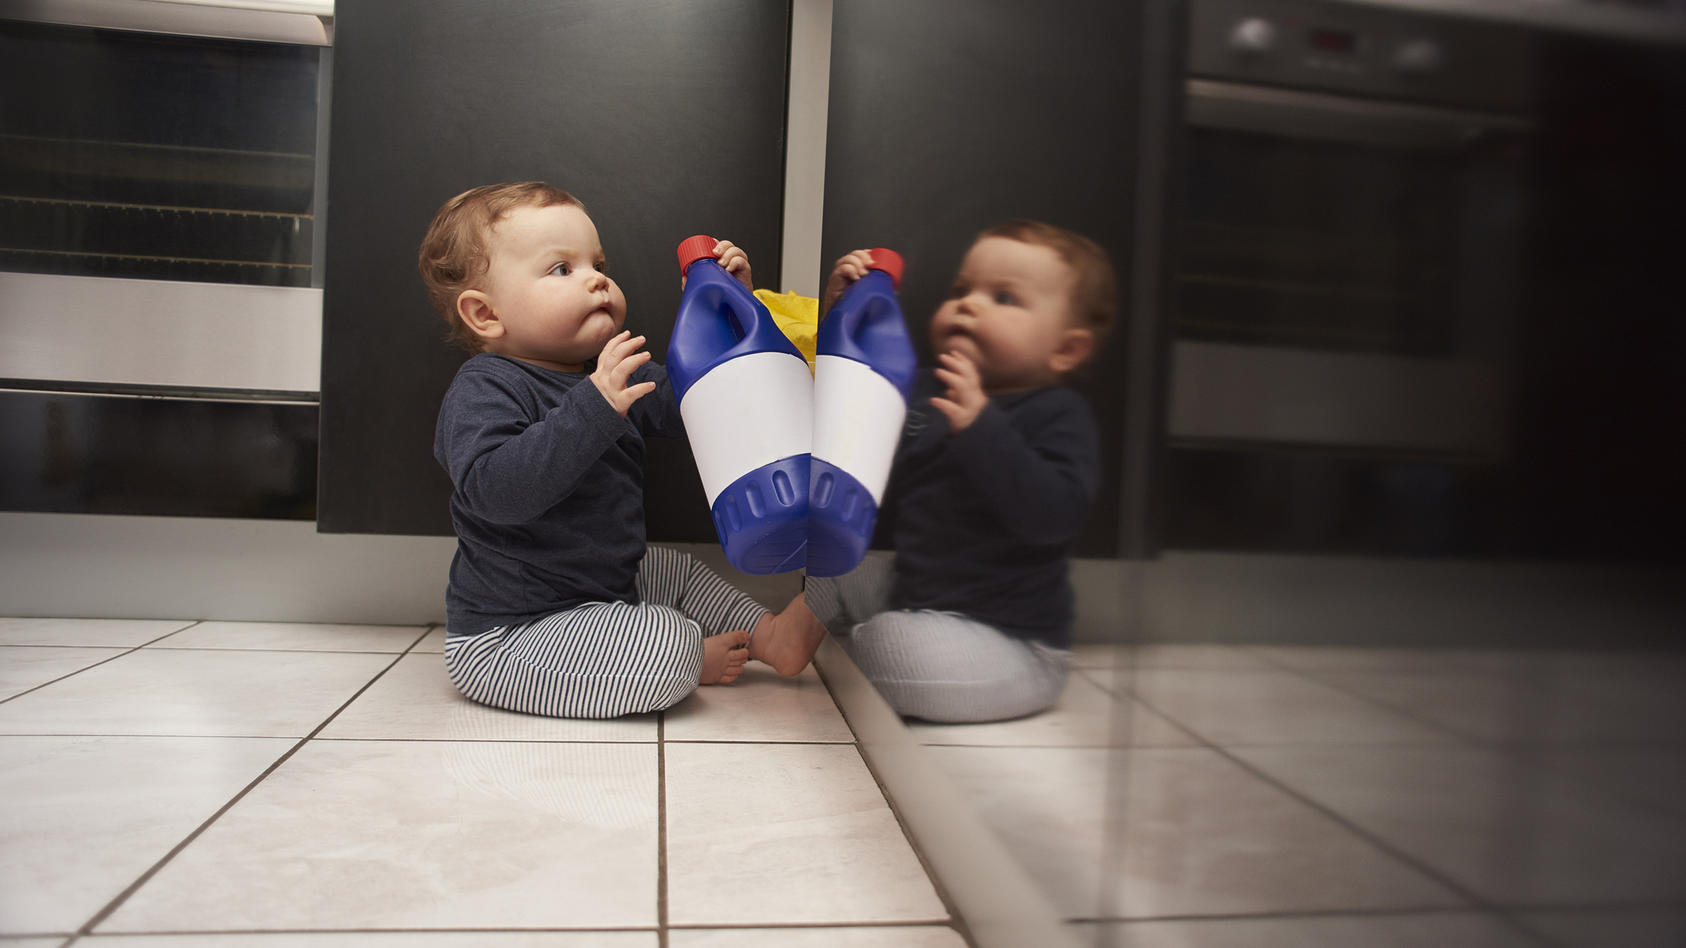 Die Charité warnt davor, Desinfektionsmittel in Kinder-Reichweite aufzubewahren.